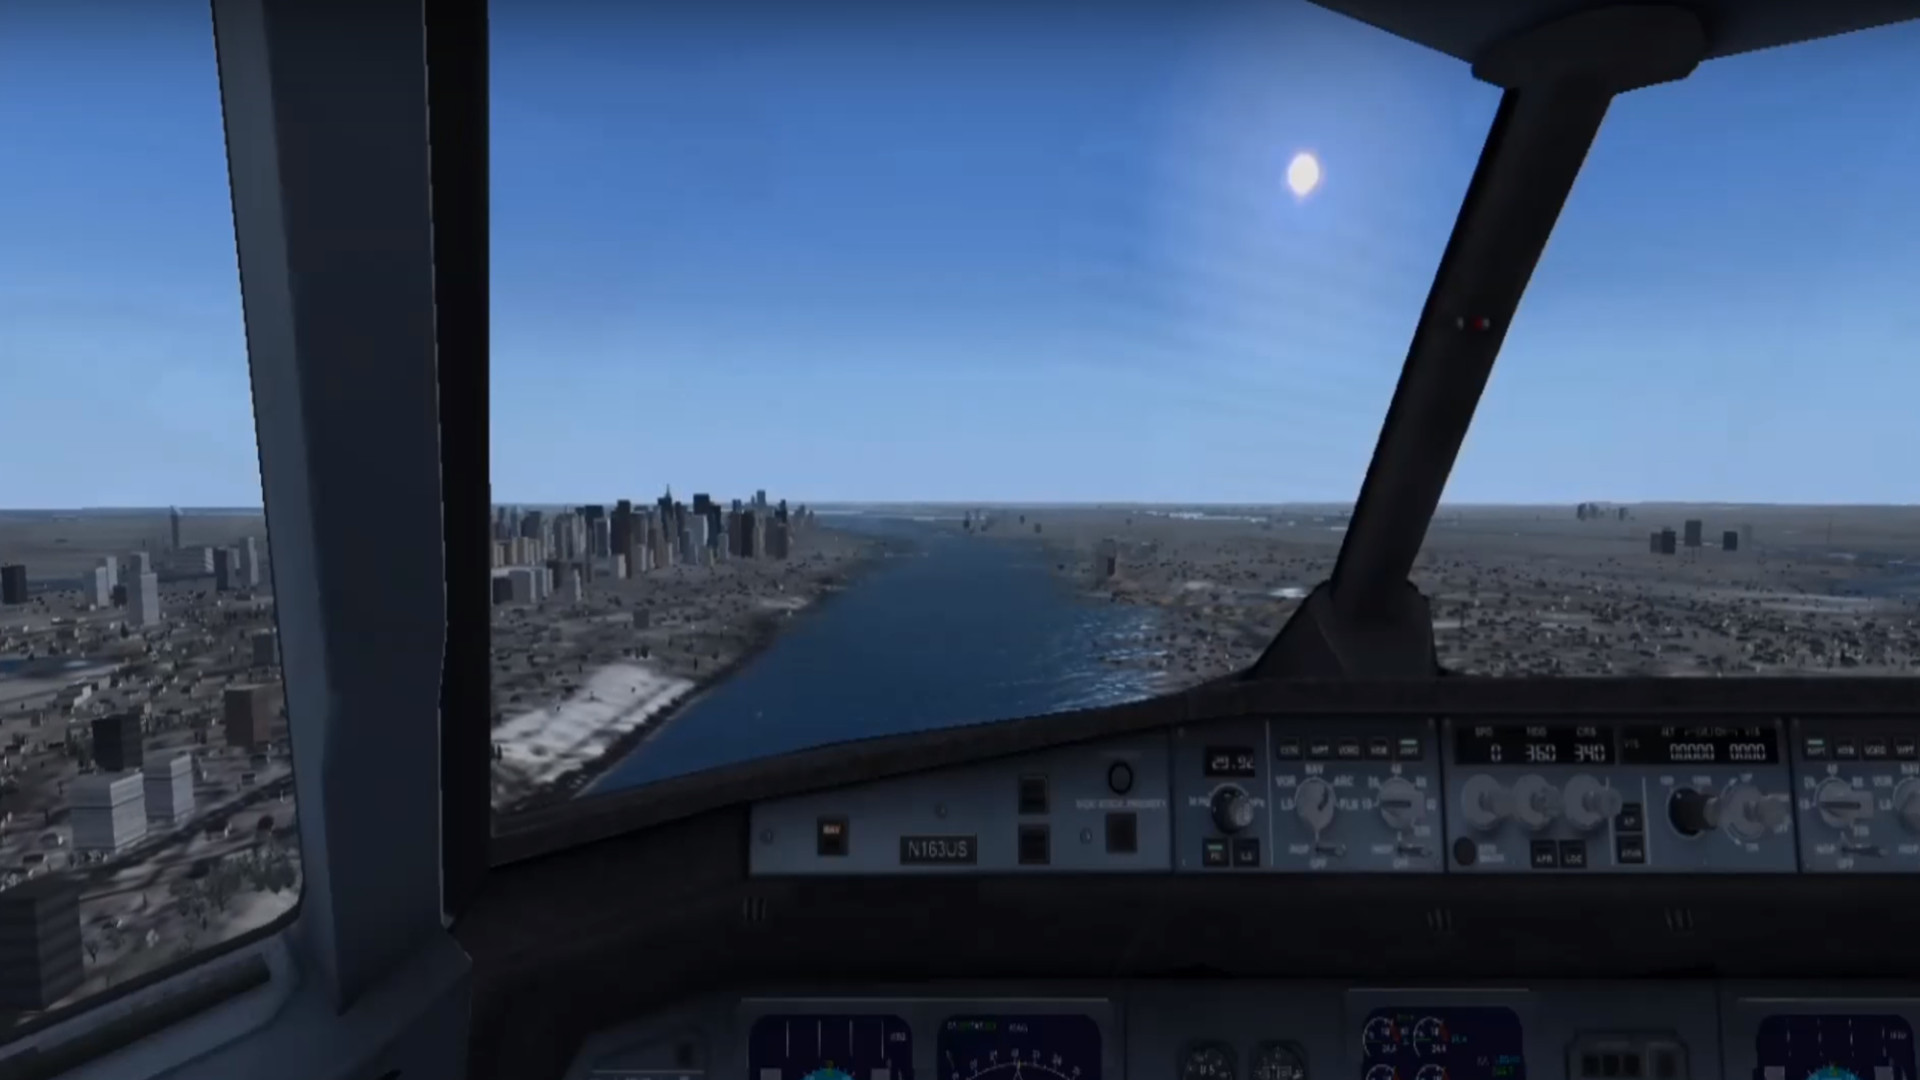 atencion el vuelo 1549 esta fuera de control